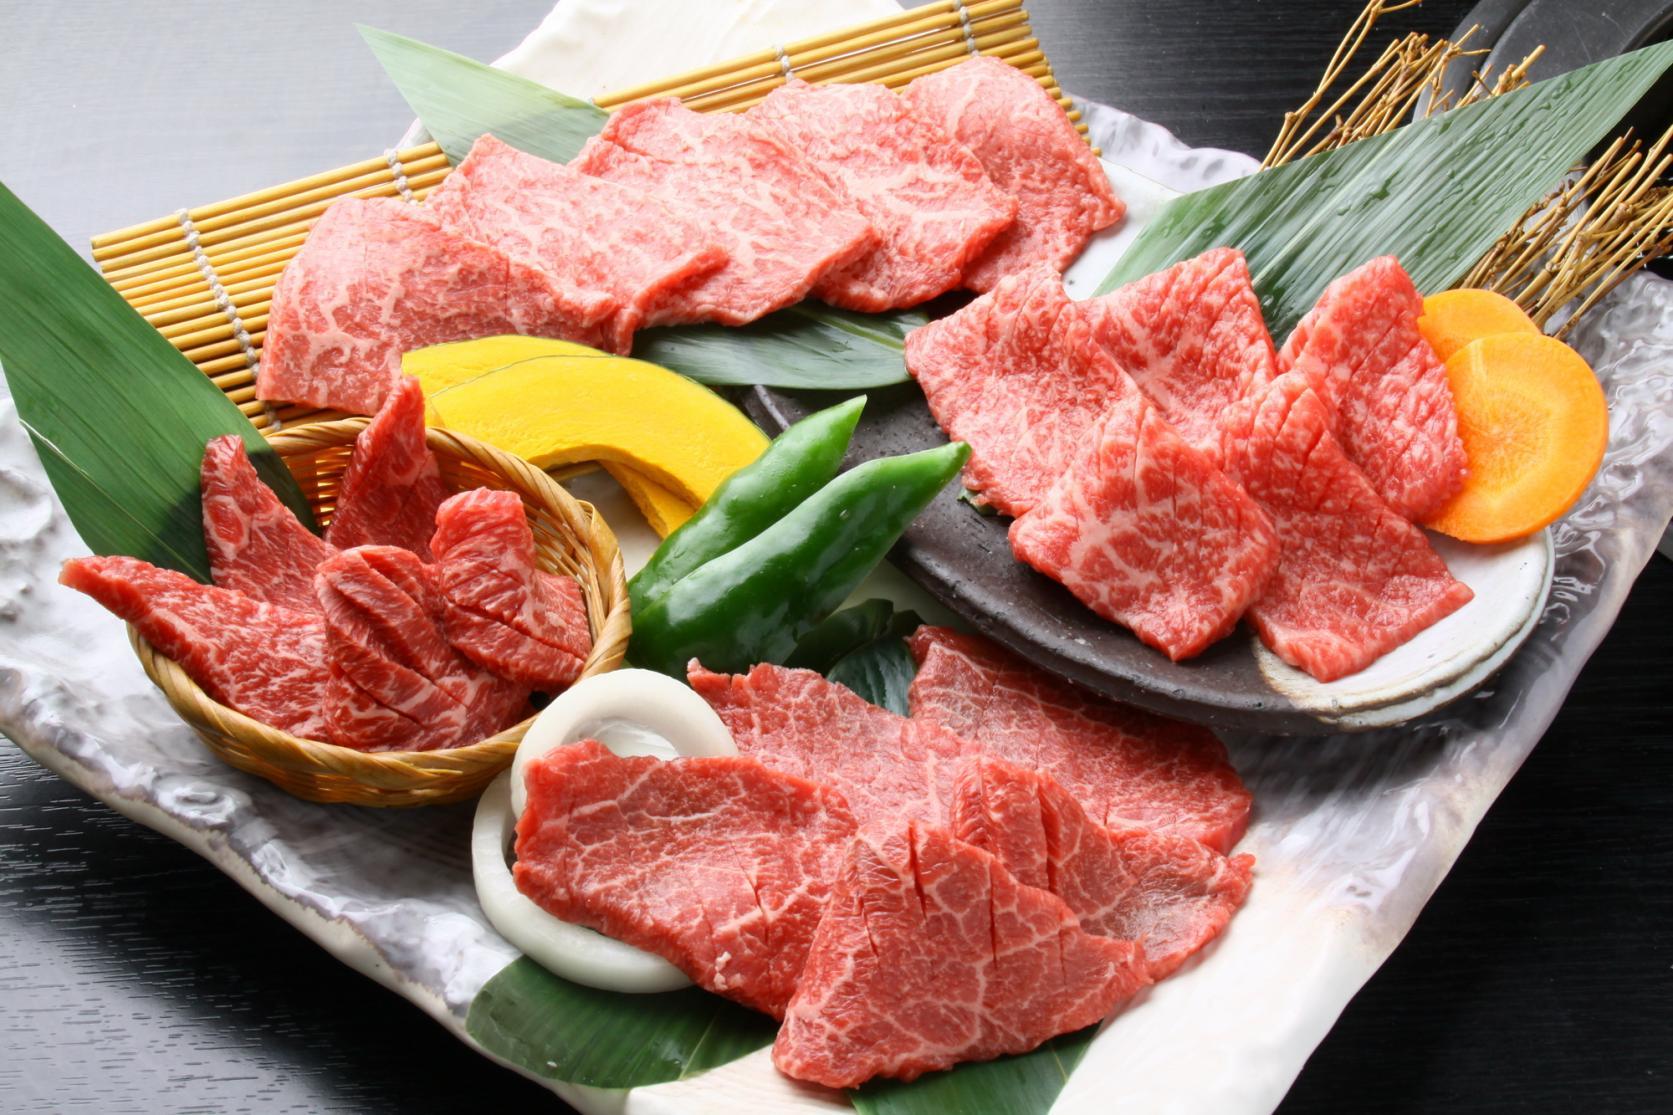 宮崎は牛もスゴイ!和牛オリンピックで3大会連続 内閣総理大臣賞を受賞した宮崎牛!-0